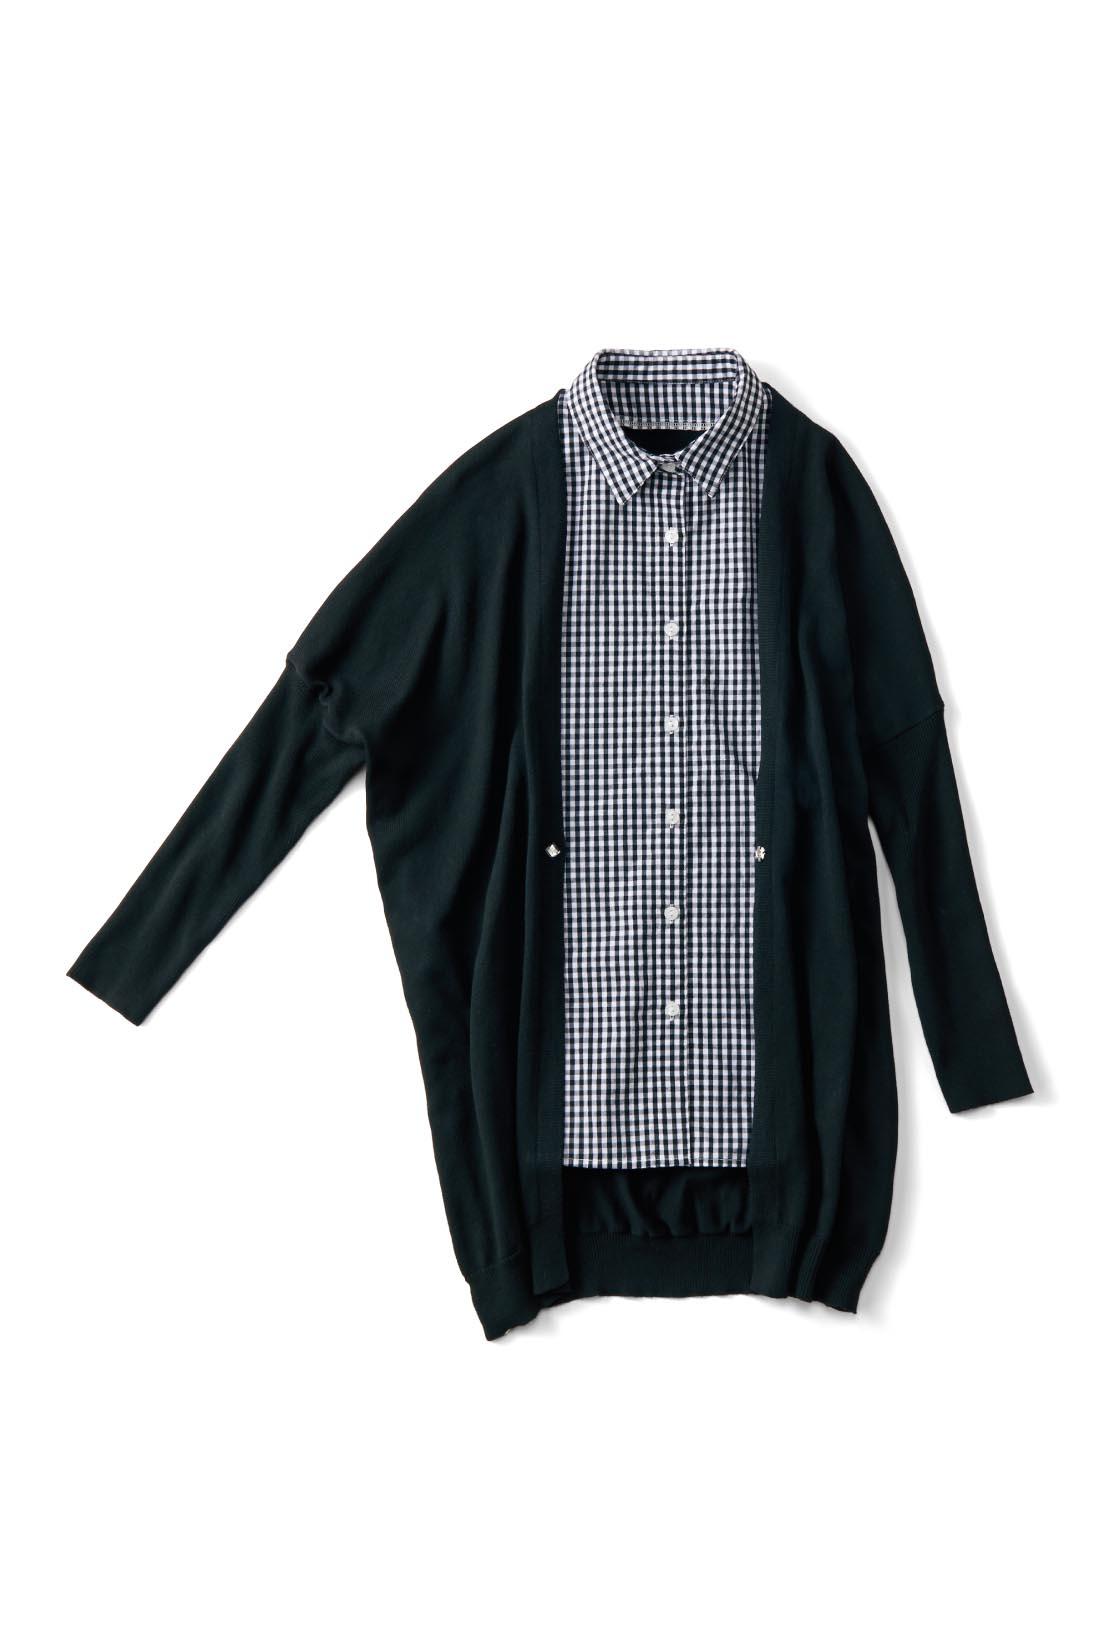 前身ごろでシャツとカーディガンがドッキング。ボタンを留めるとメリハリ効果ですっきり細見え、開けるとすとんと着られます。